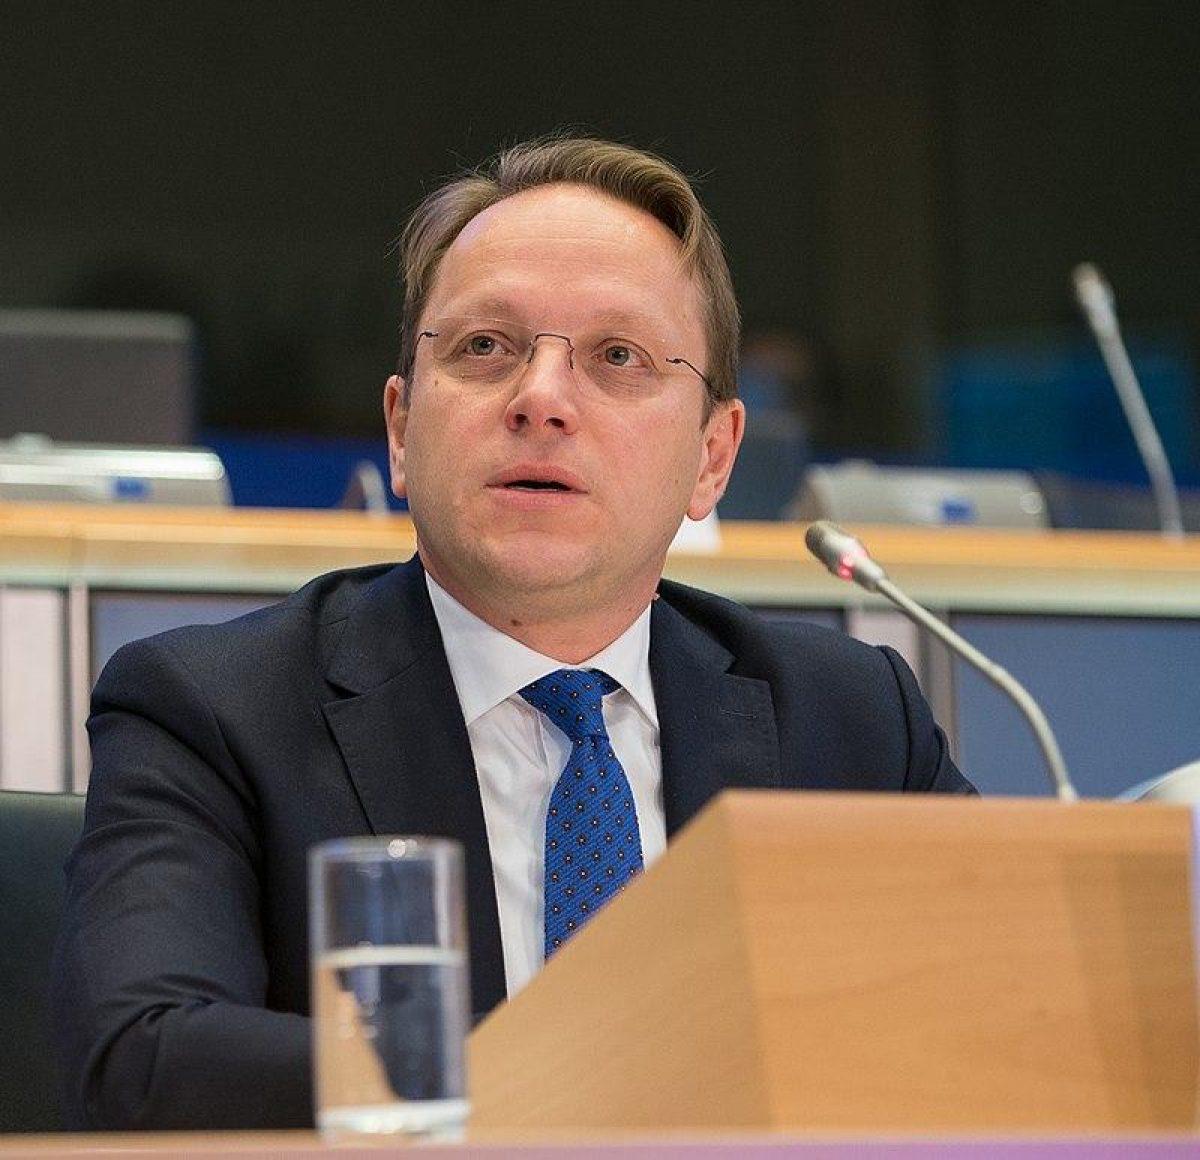 Требовал закрыть 'Миротворец': венгерского еврокомиссара внесли в список 'врагов Украины', а затем удалили